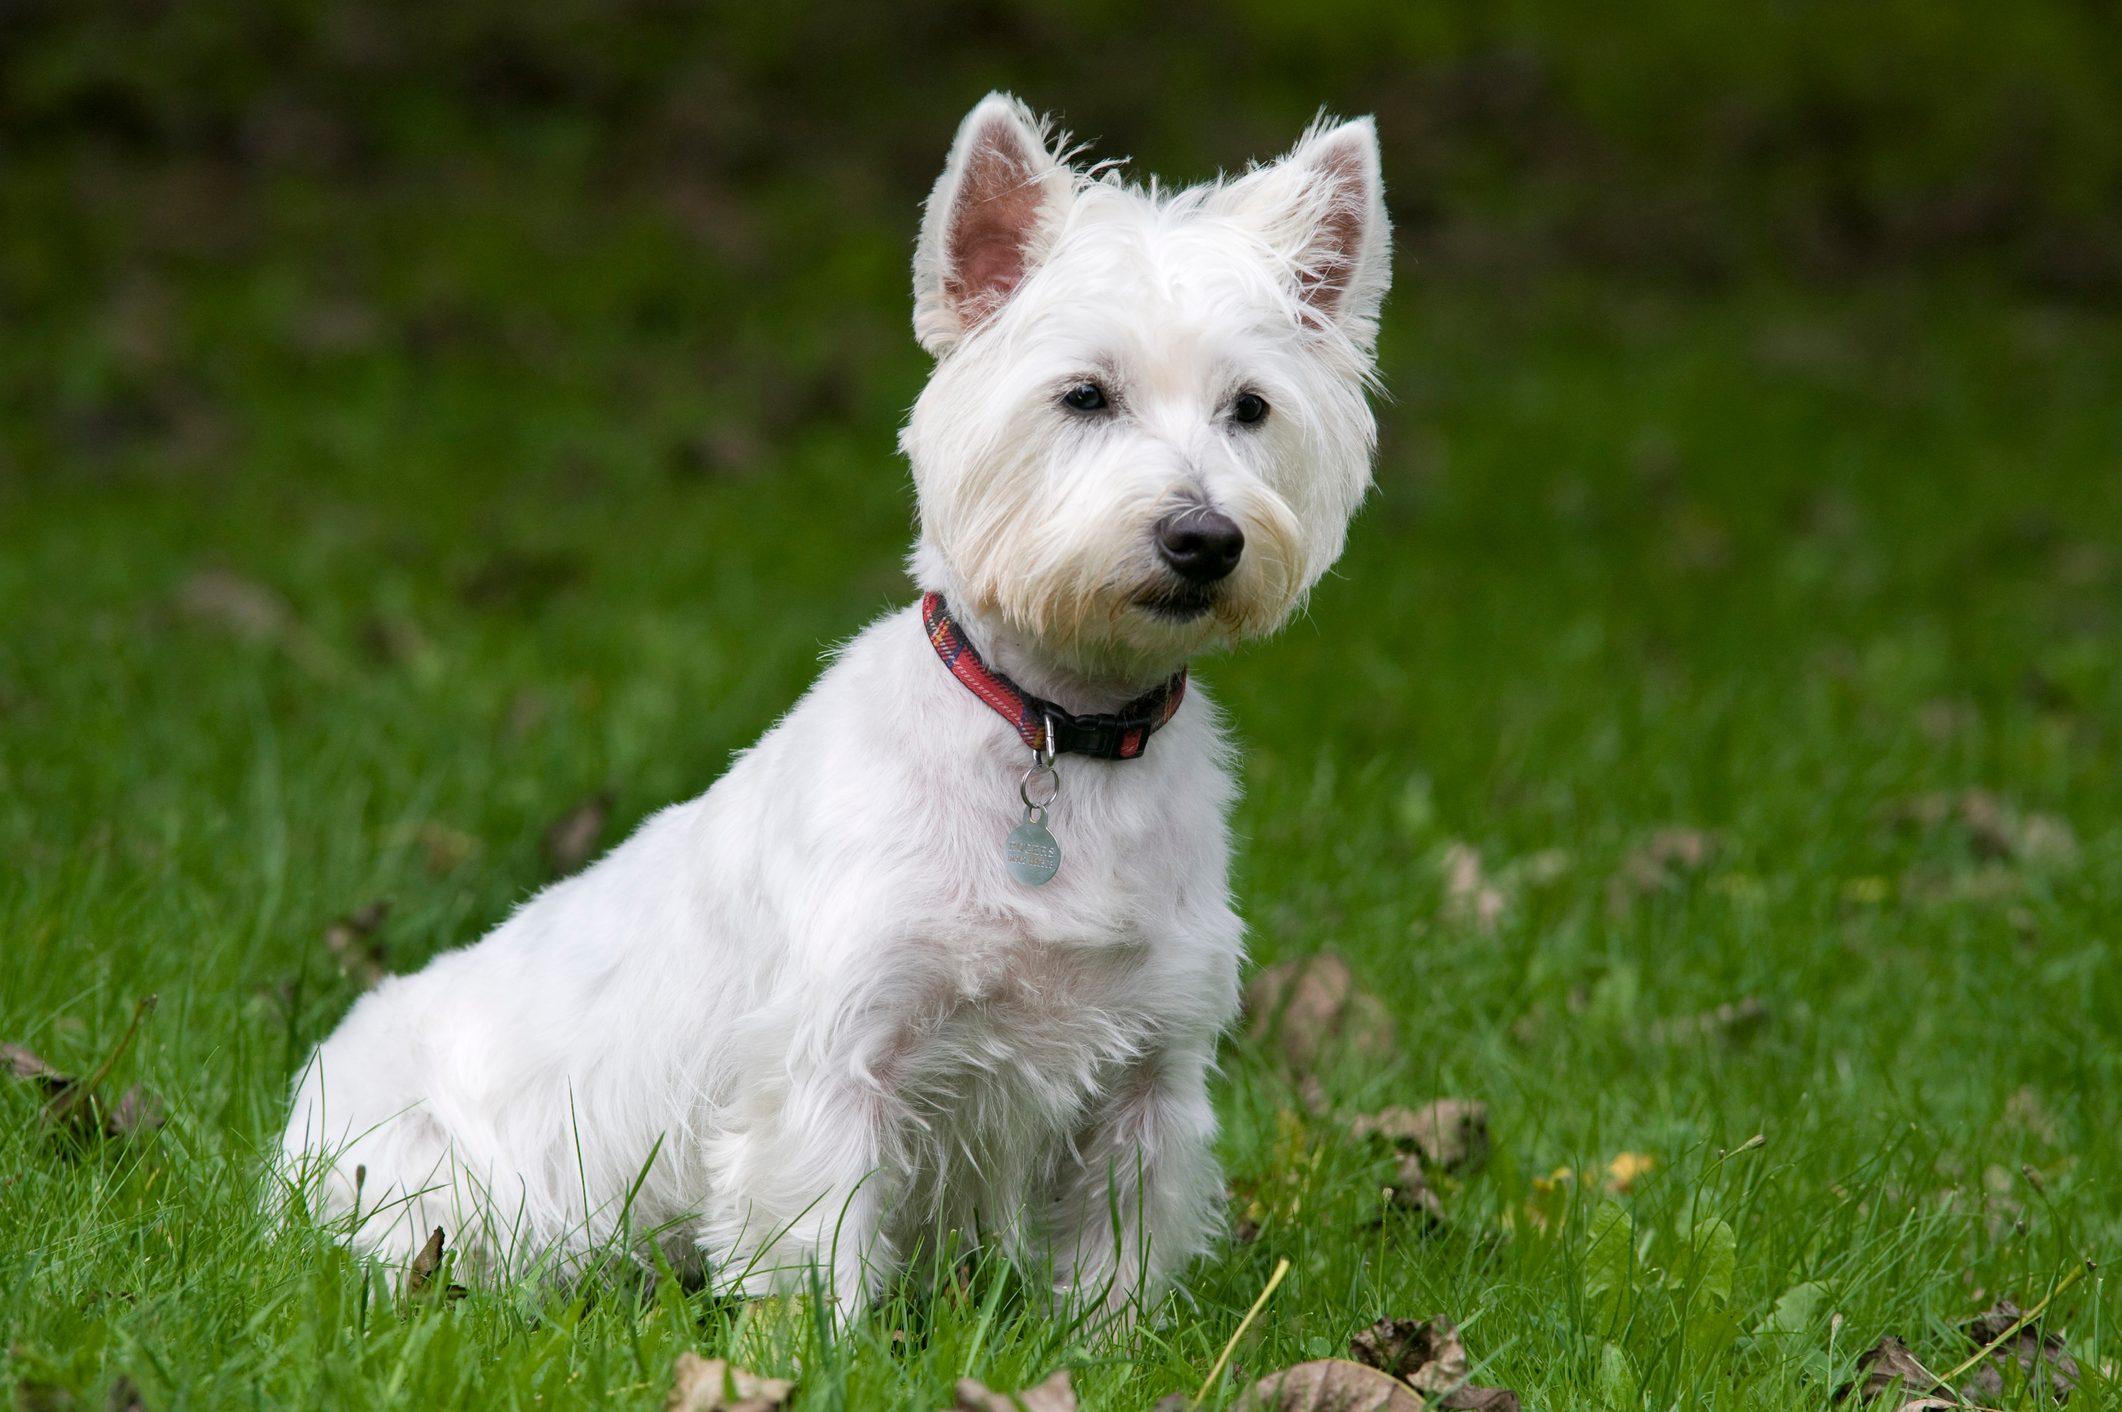 West Highland White Terrier Dog, UK, sitting in garden, cute, alert